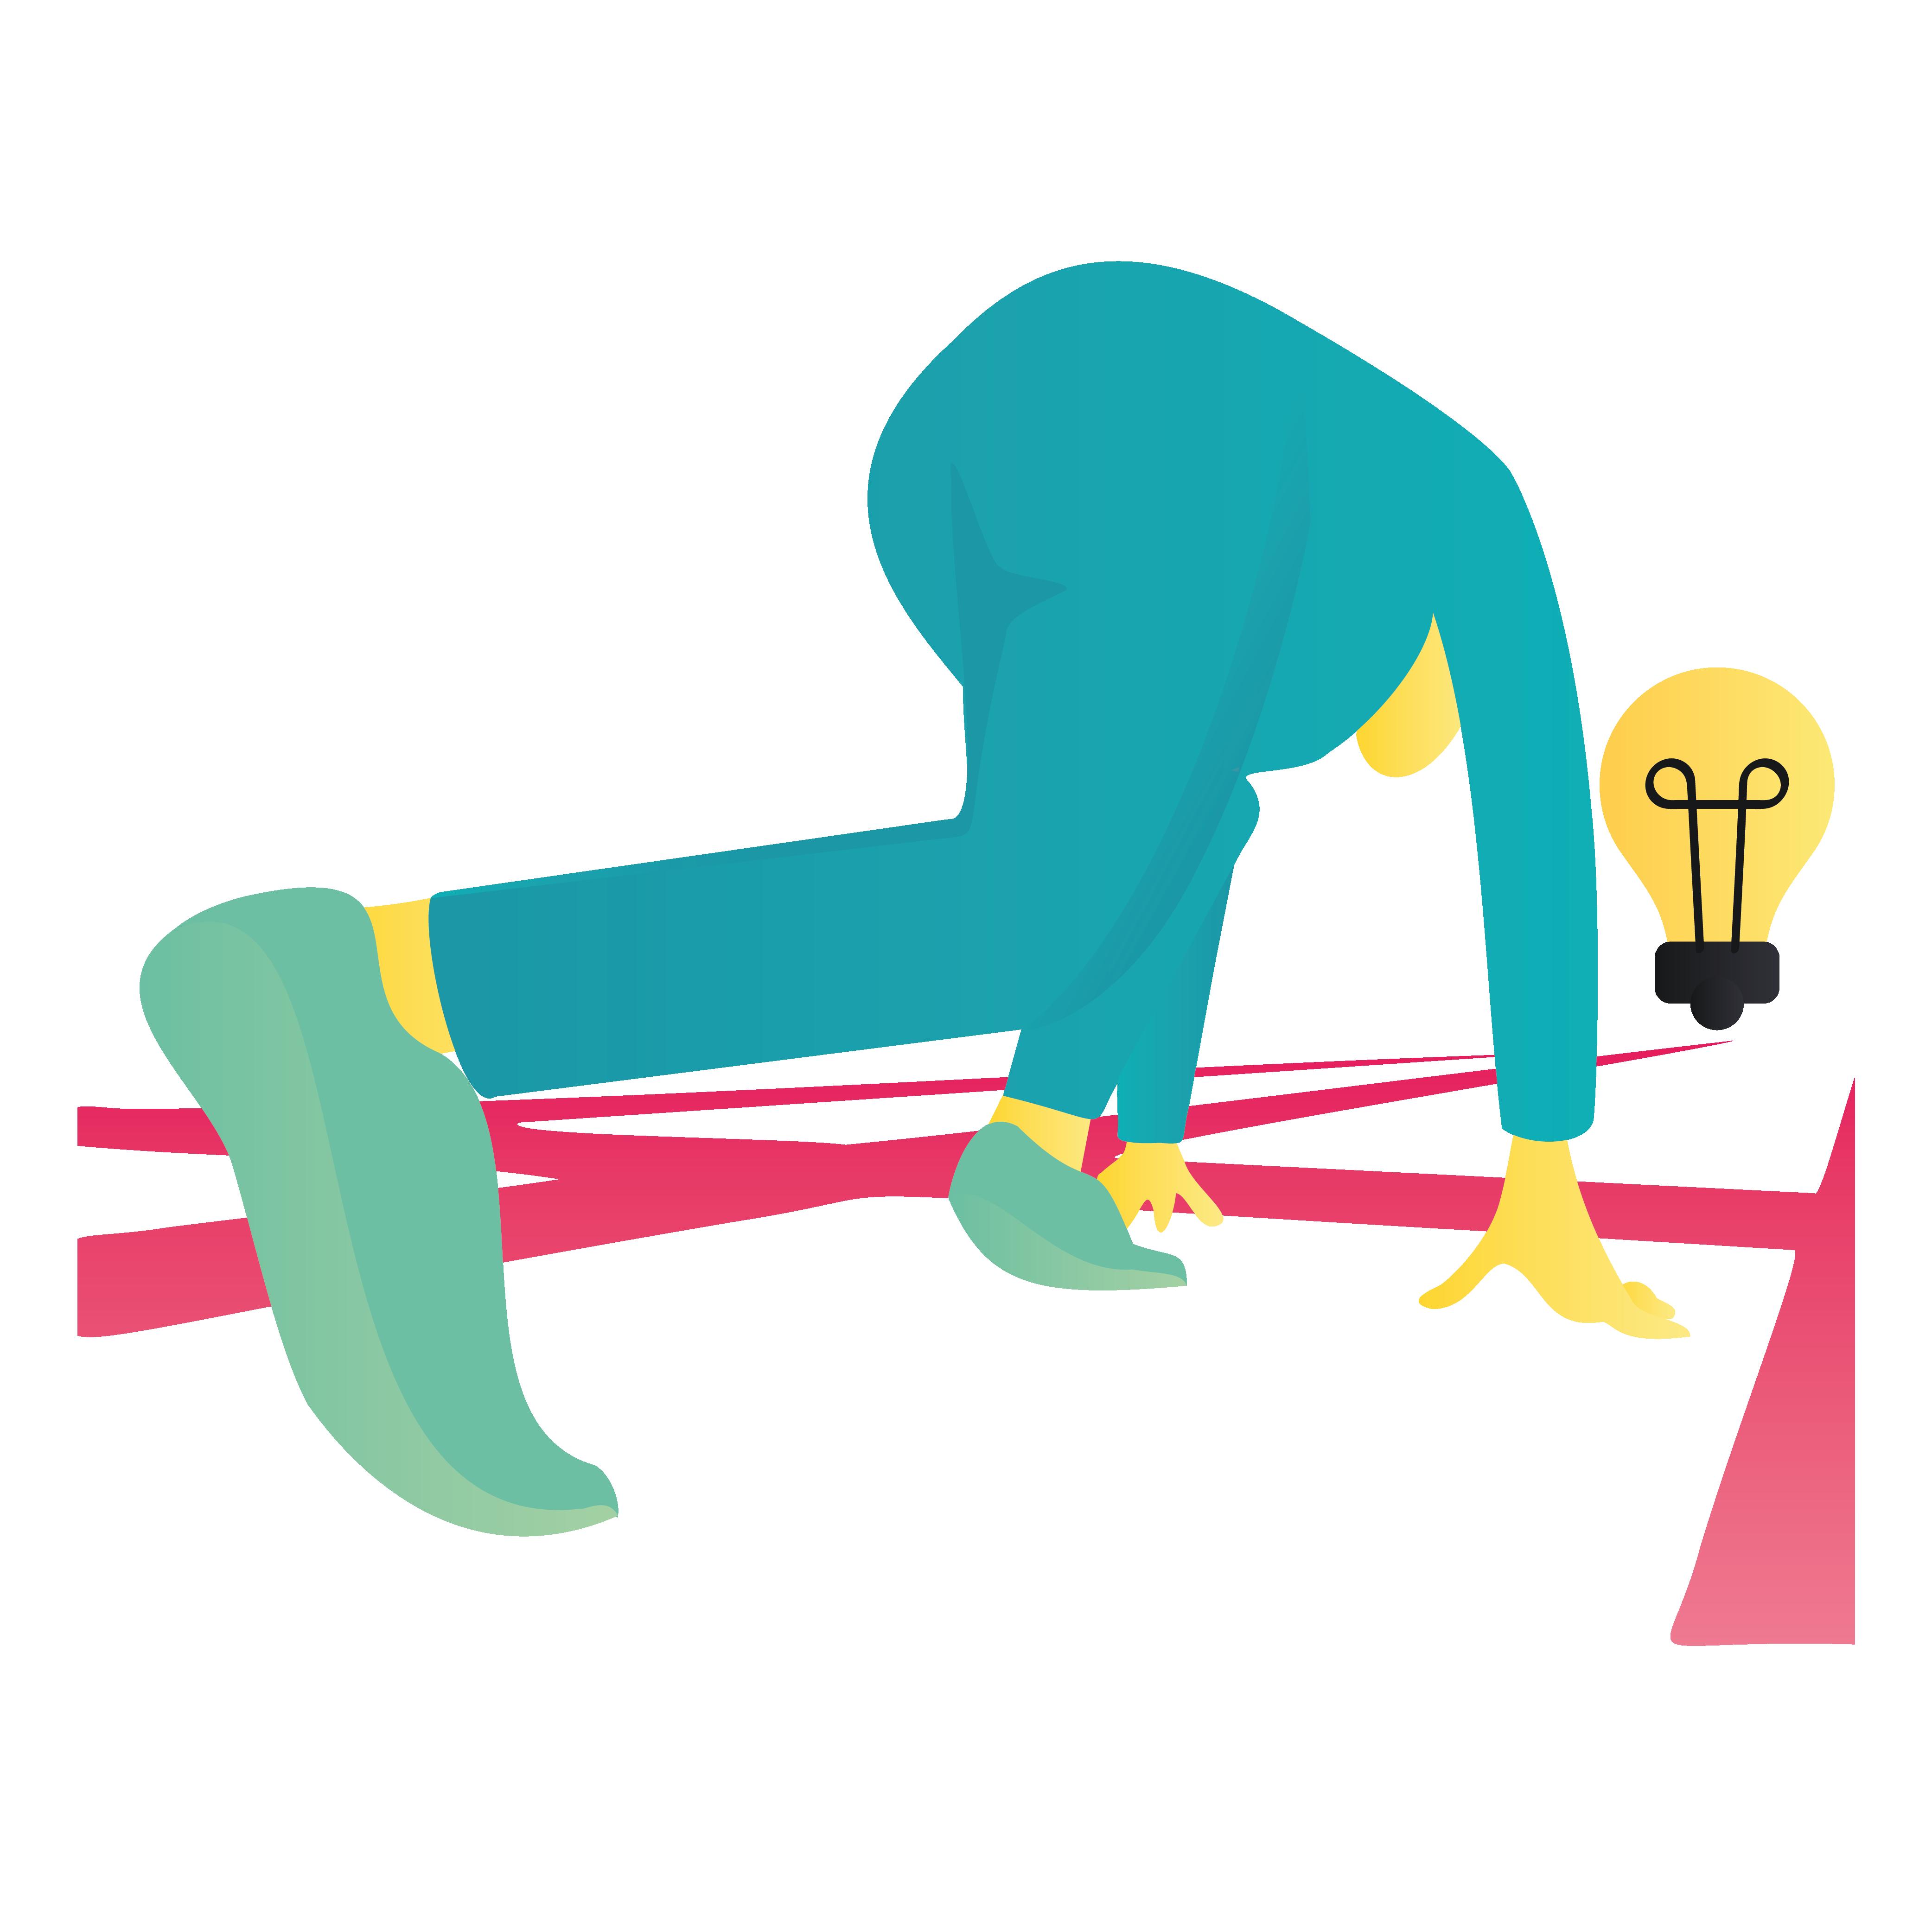 ÉTUDE DE CAS | Design Sprint | Trouver le design et tester des idées réalistes en 3 jours